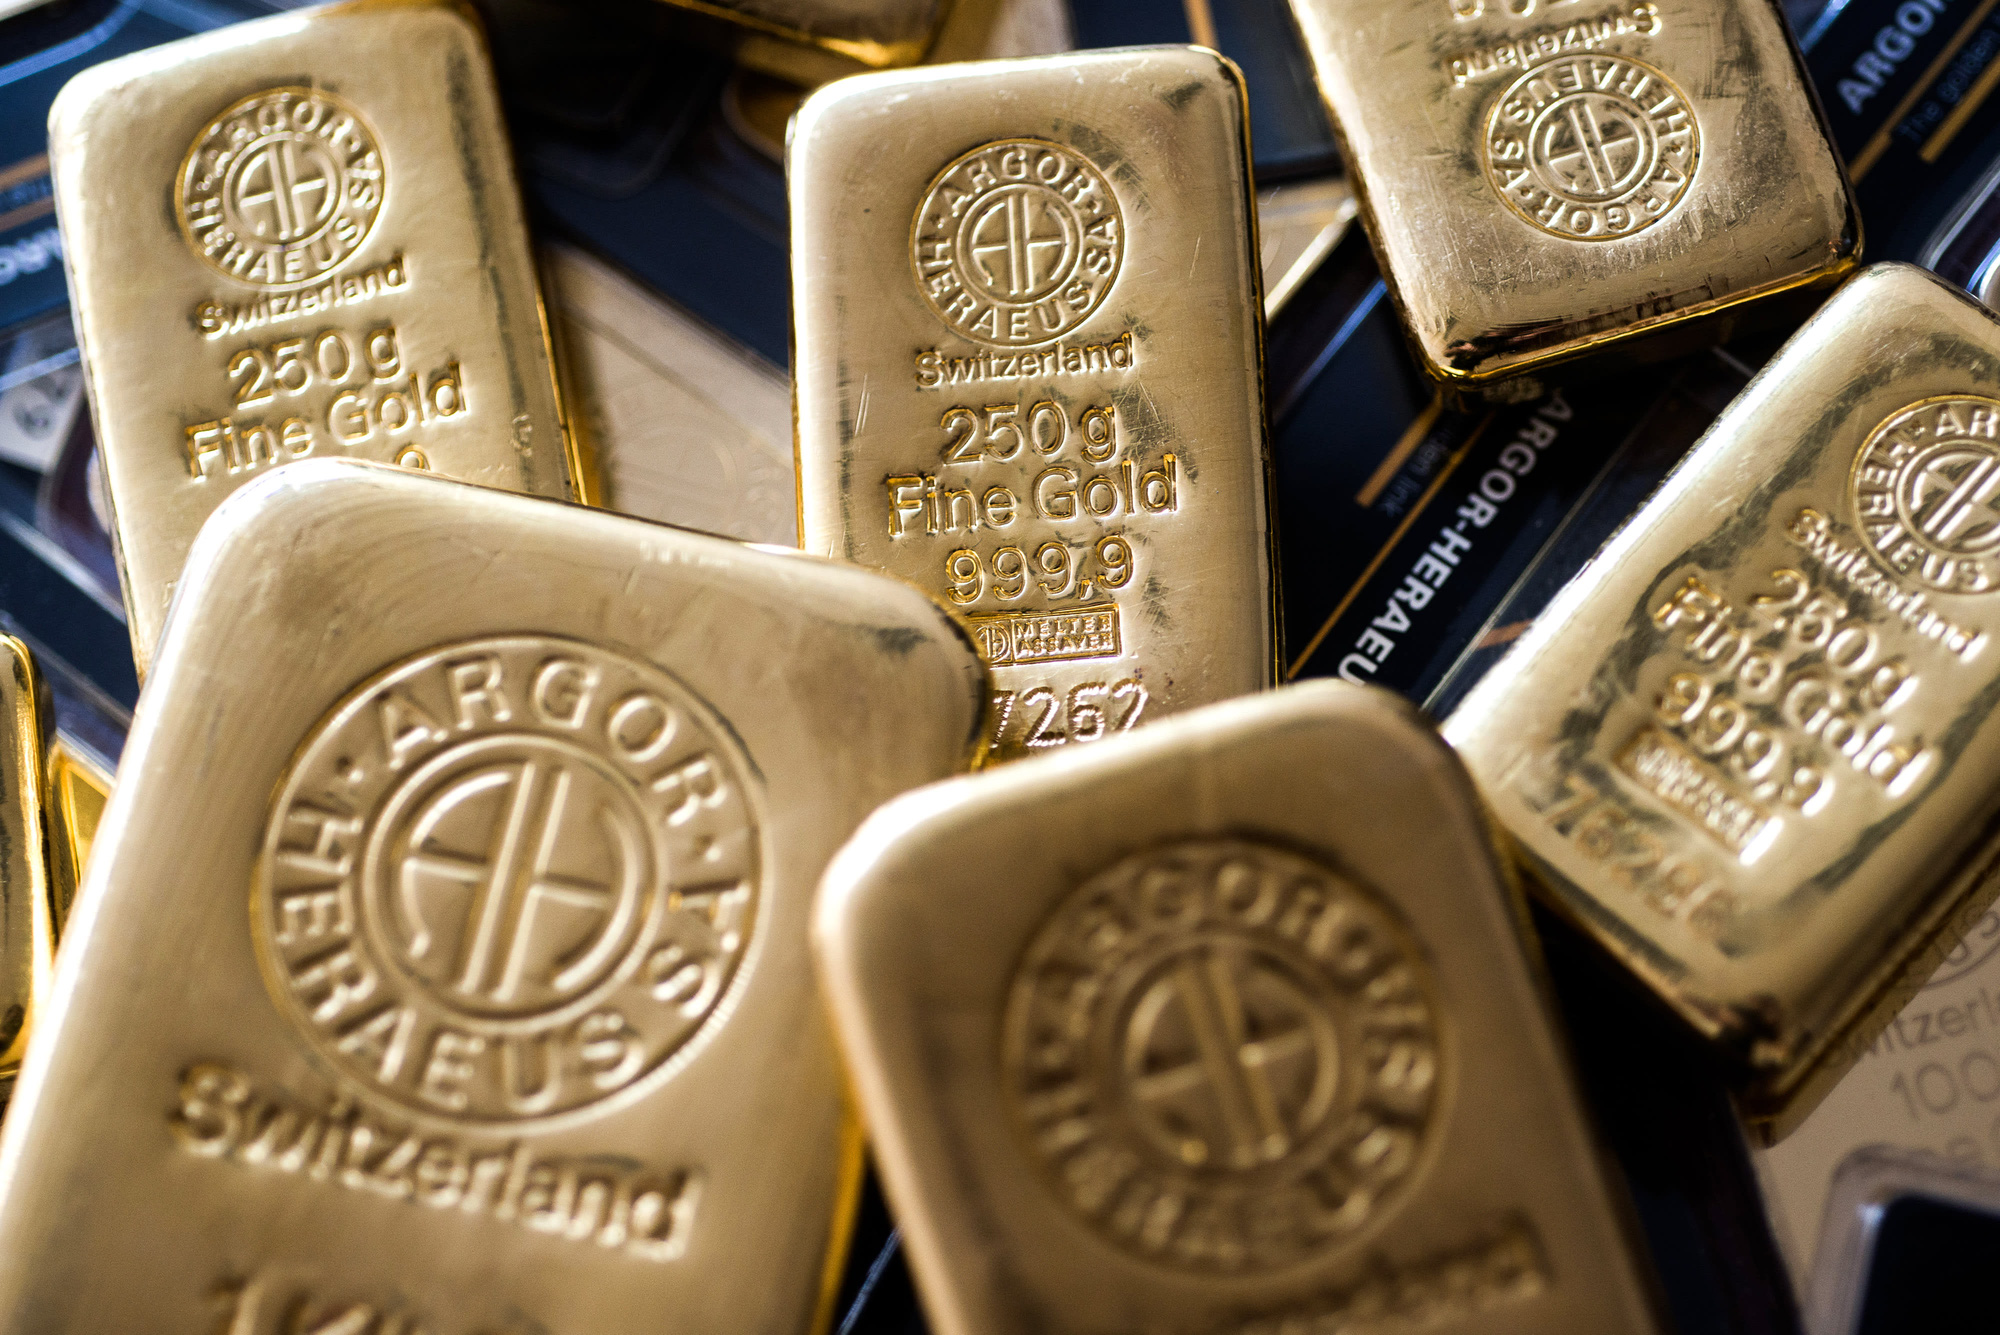 Giá vàng hôm nay 7/4: Bật tăng hơn 2% trên thị trường quốc tế  - Ảnh 1.